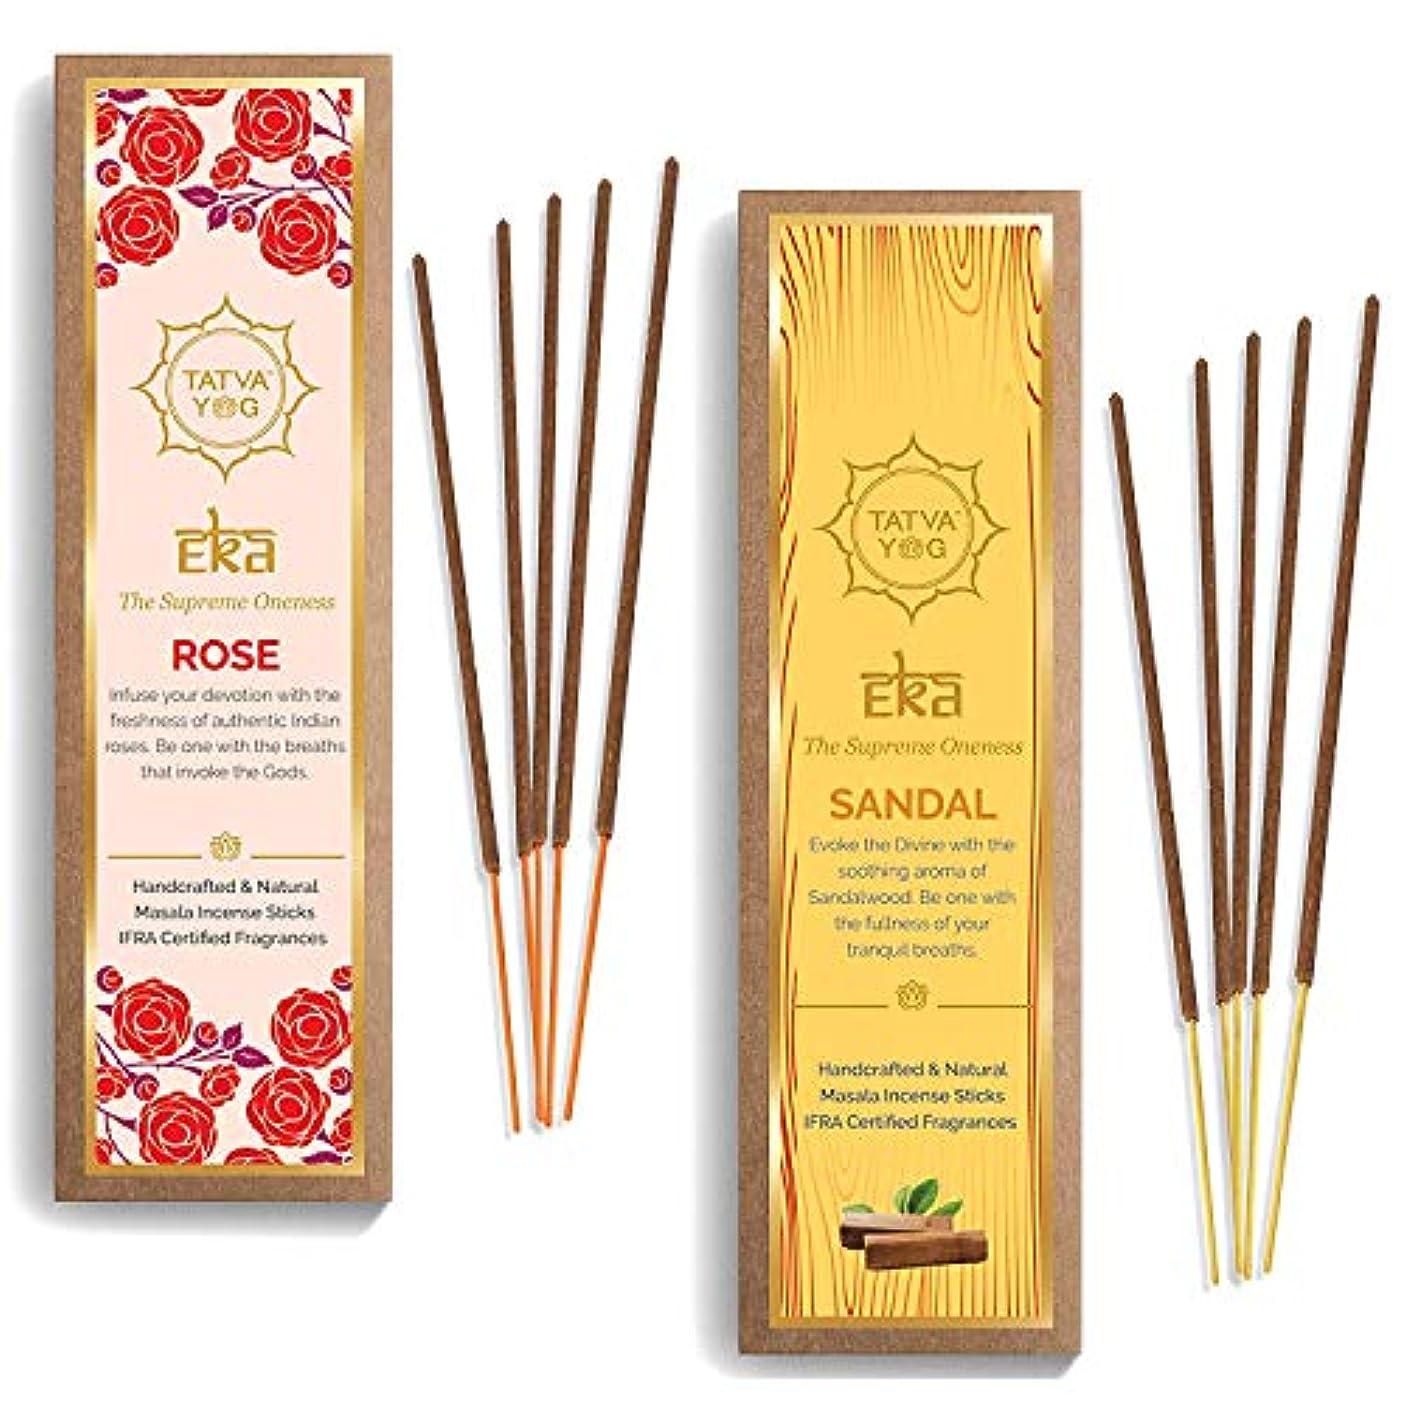 侵略マインド元のTatva YOG - Eka Rose and Sandal Handcrafted Natural Masala Incense Sticks